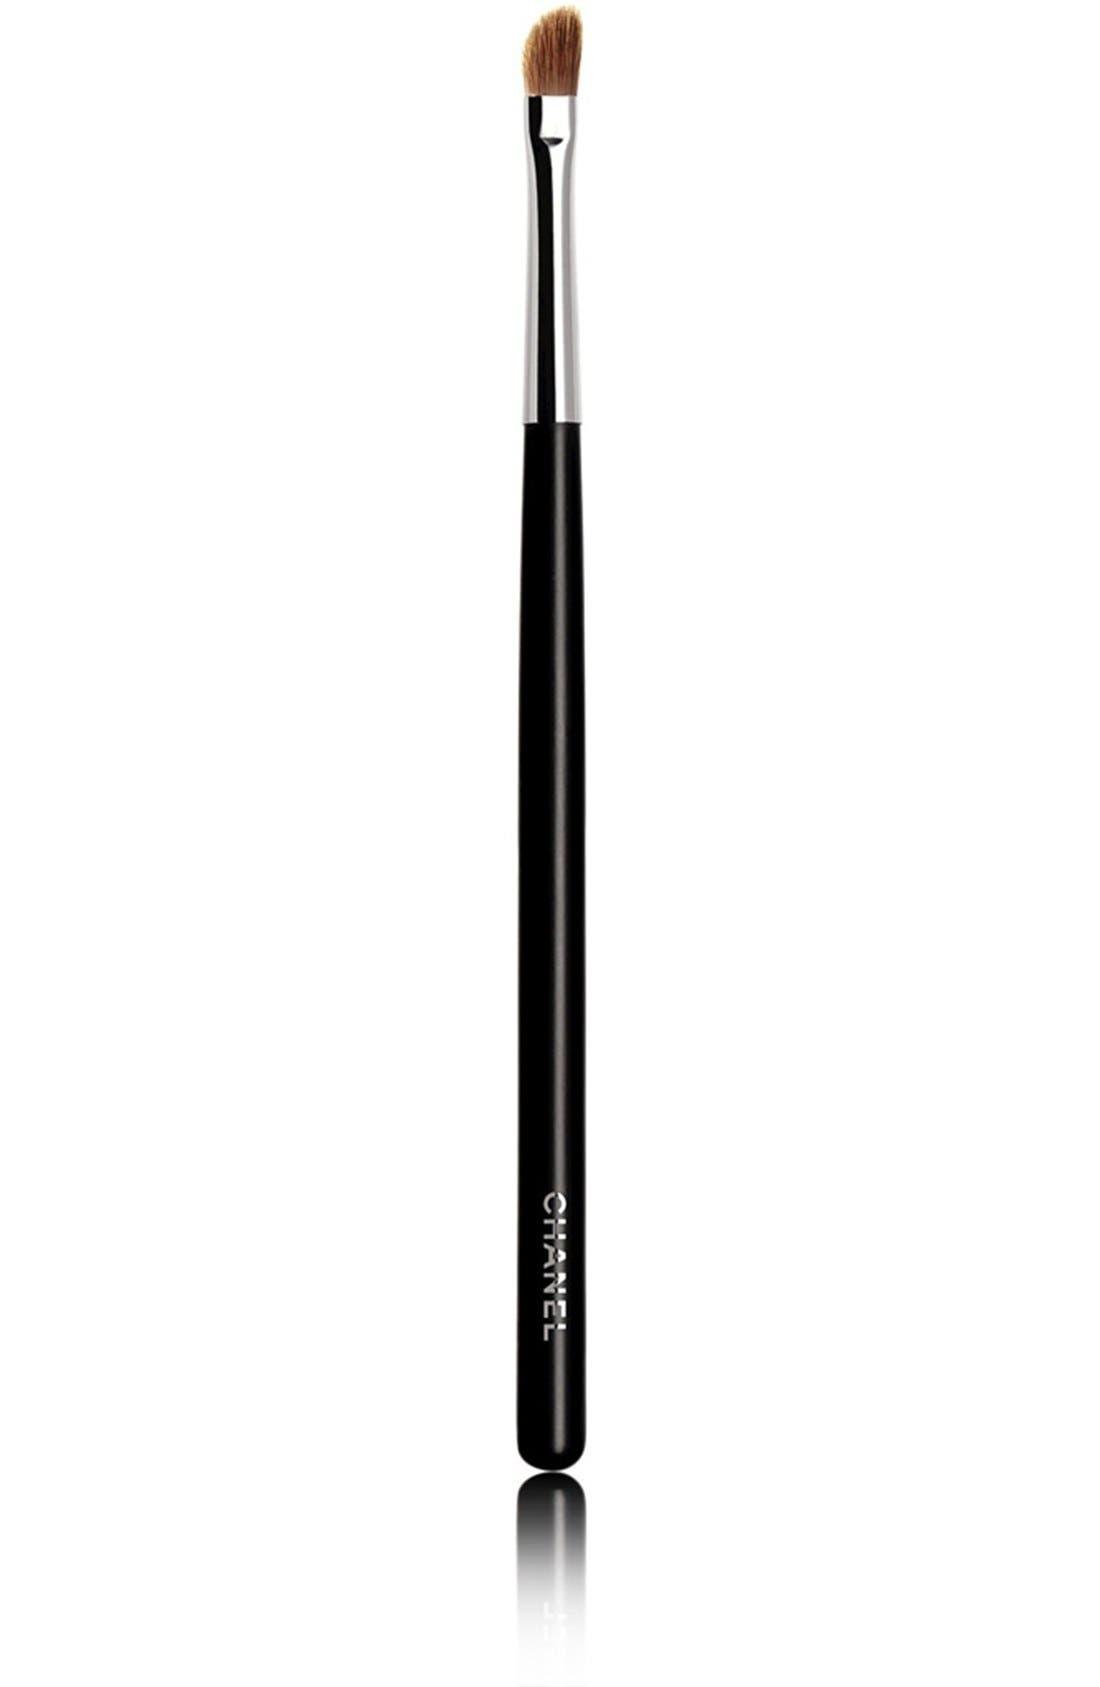 CHANEL PINCEAU LÈVRES BISEAUTÉ Angled Lip Brush #33